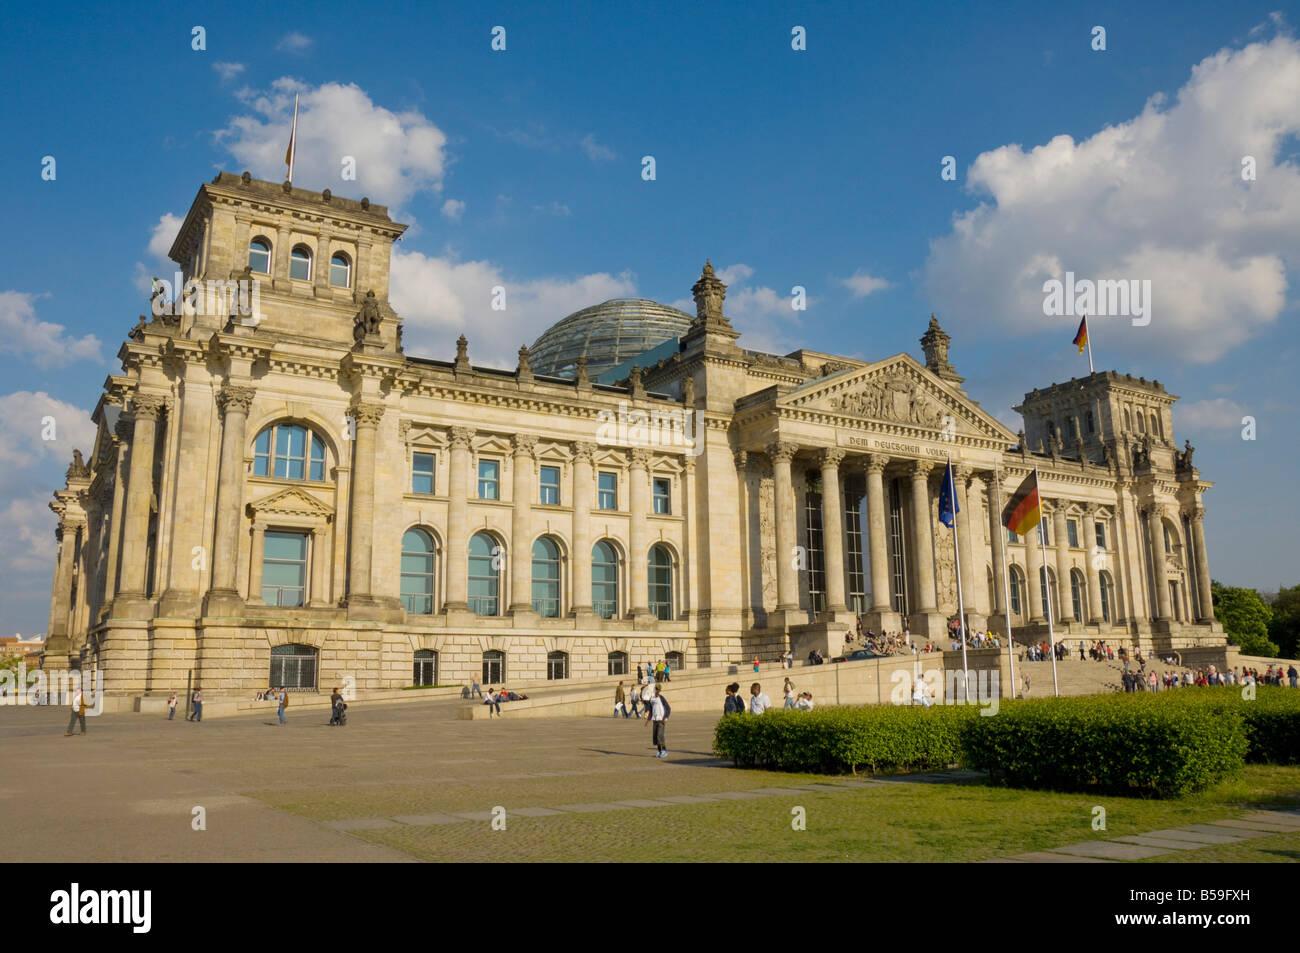 Parlament Reichstagsgebäude, Berlin, Deutschland, Europa Stockbild